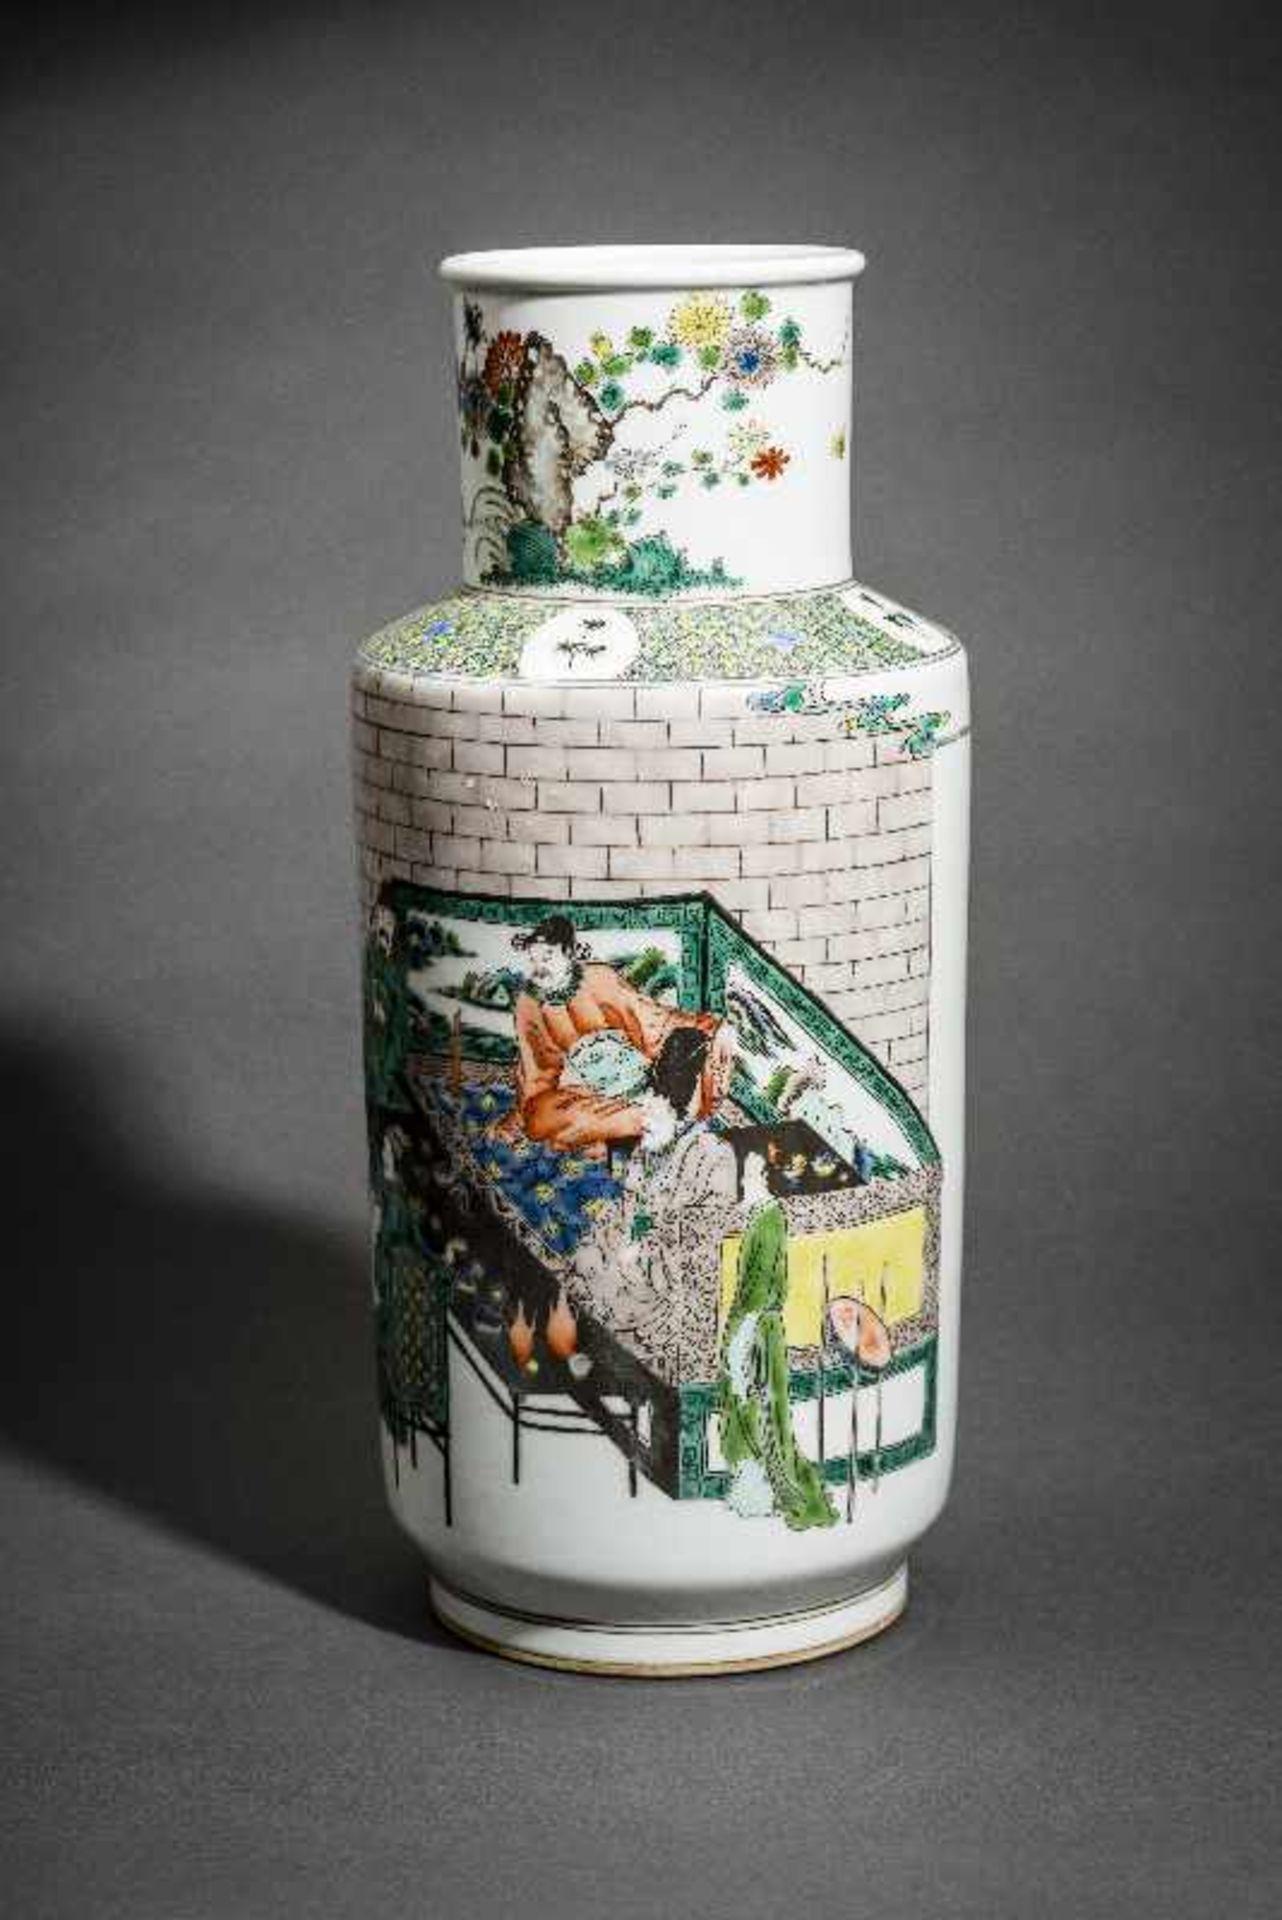 VASE MIT WEISEN UND WÜRDENTRÄGERN Porzellan mit farbiger Emailmalerei. China, Hohe zylindrische - Image 3 of 5